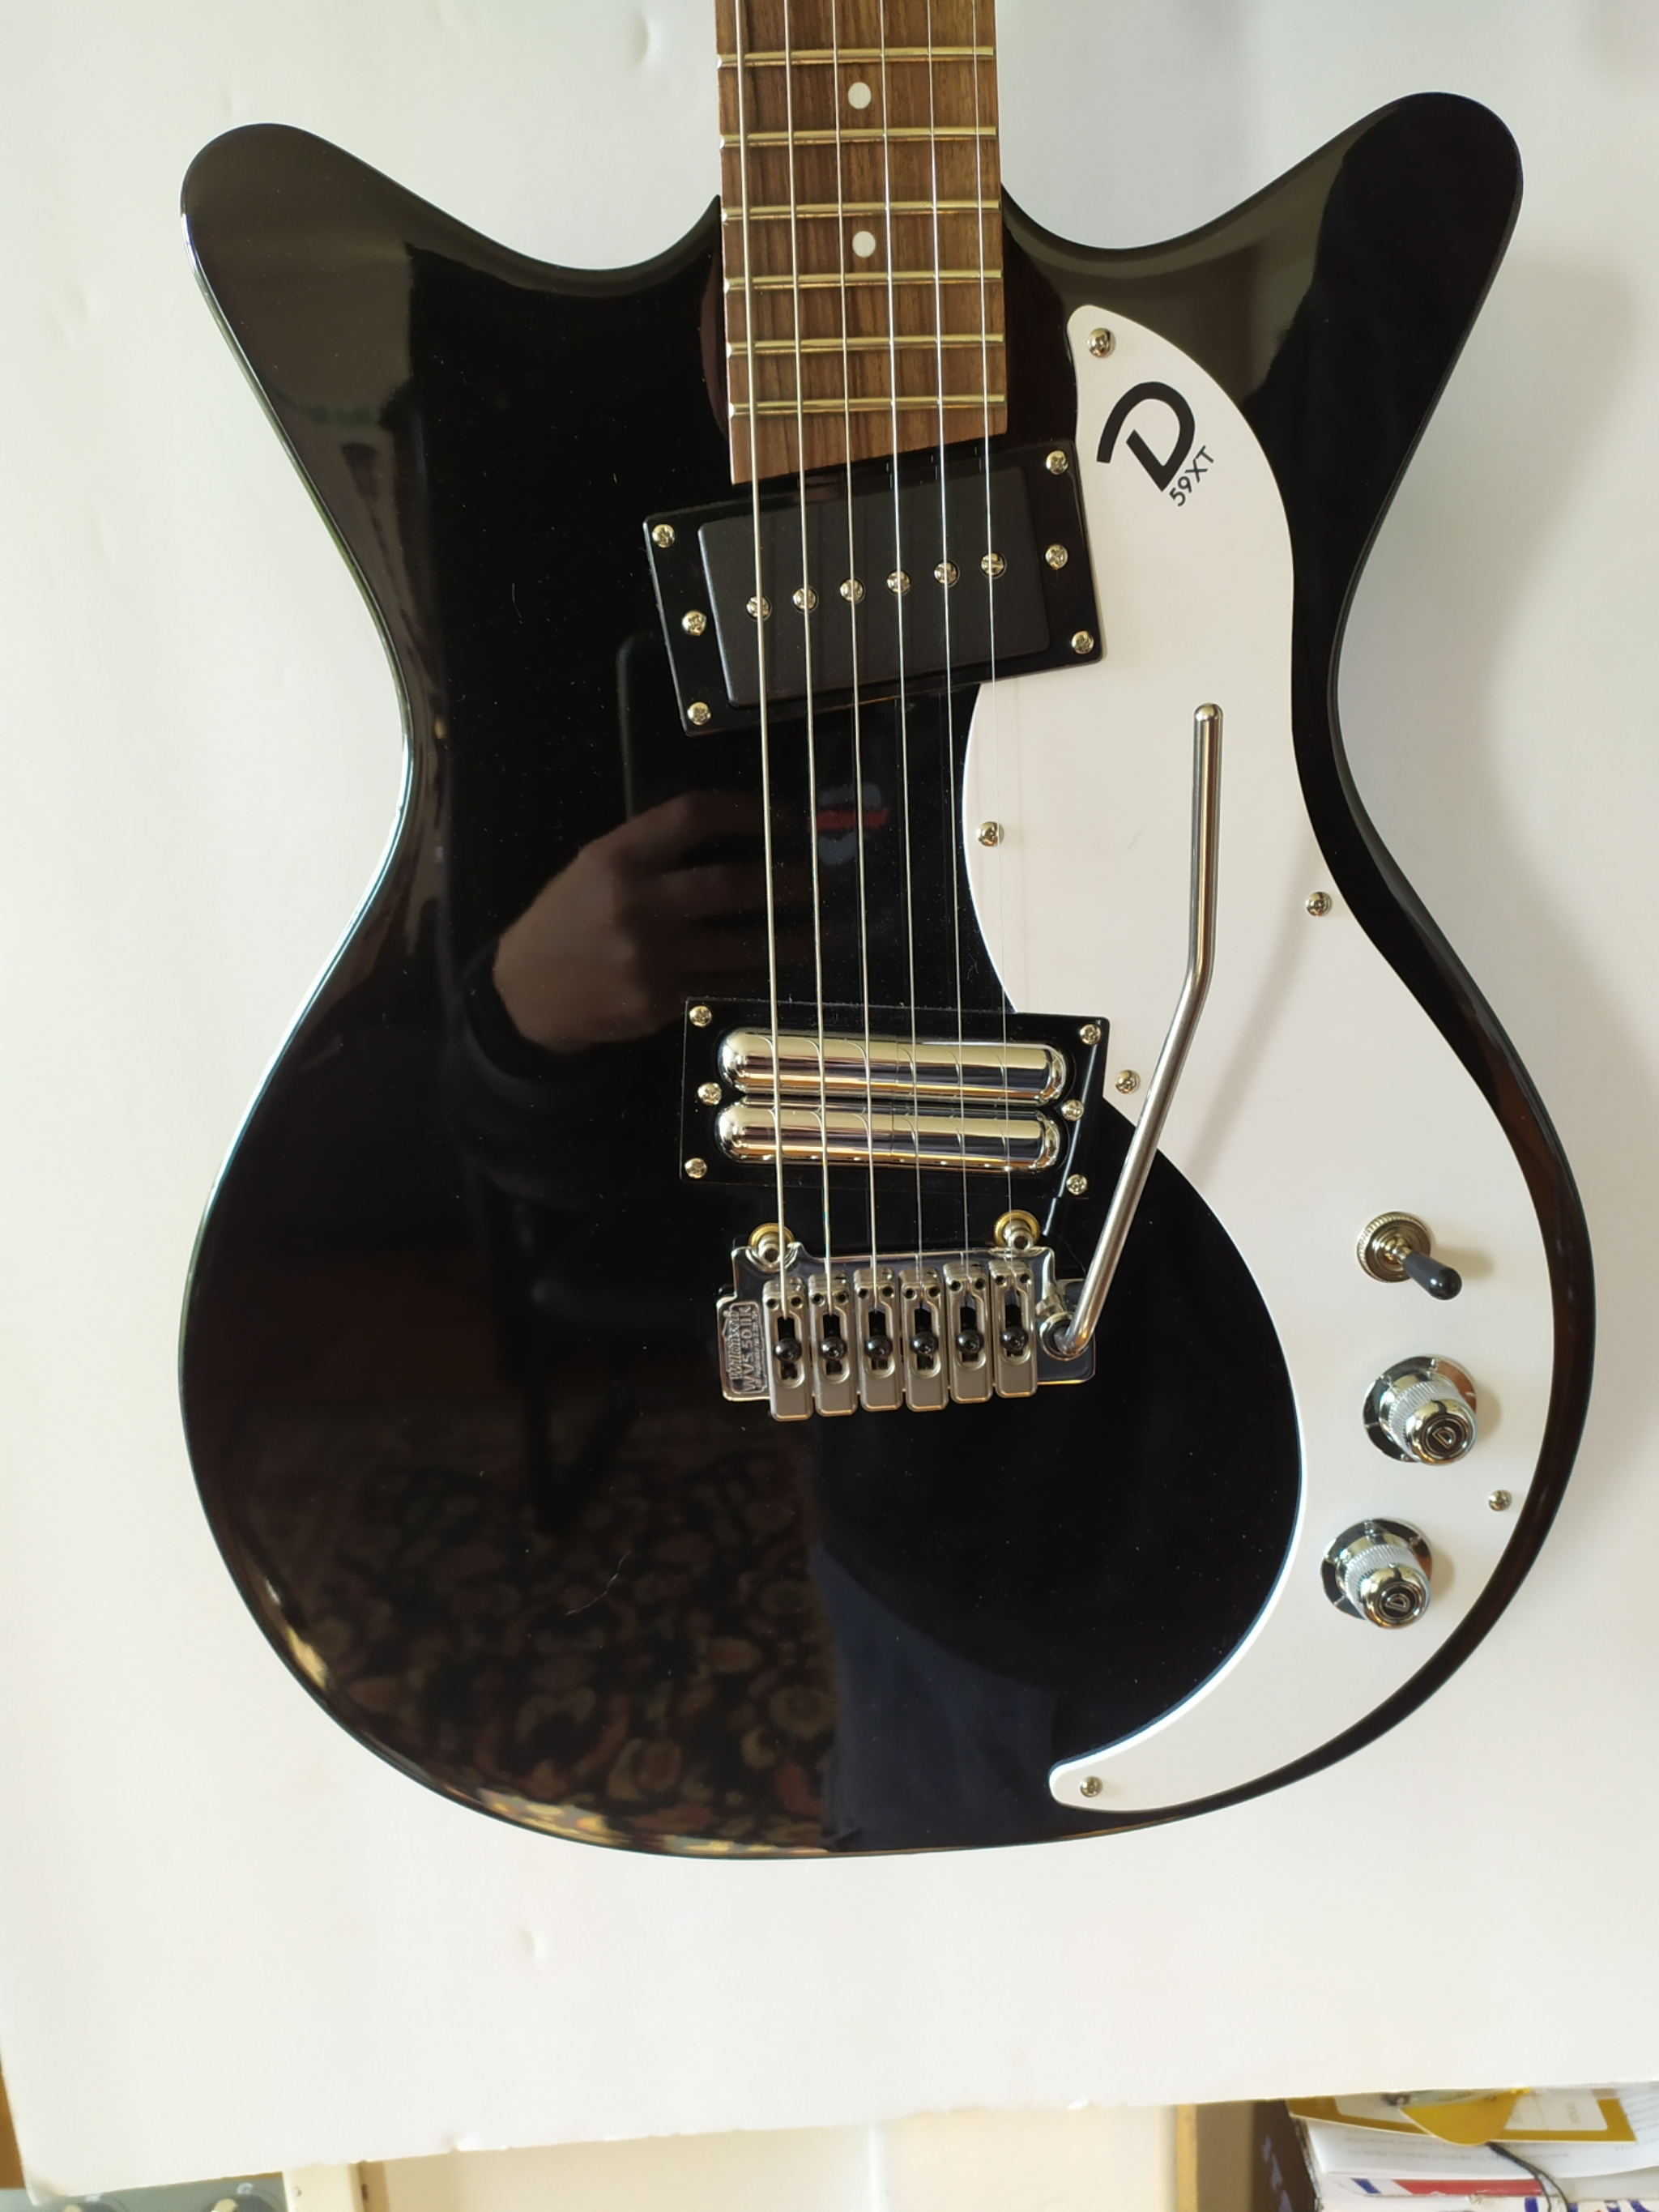 Danelectro '59XT - Black